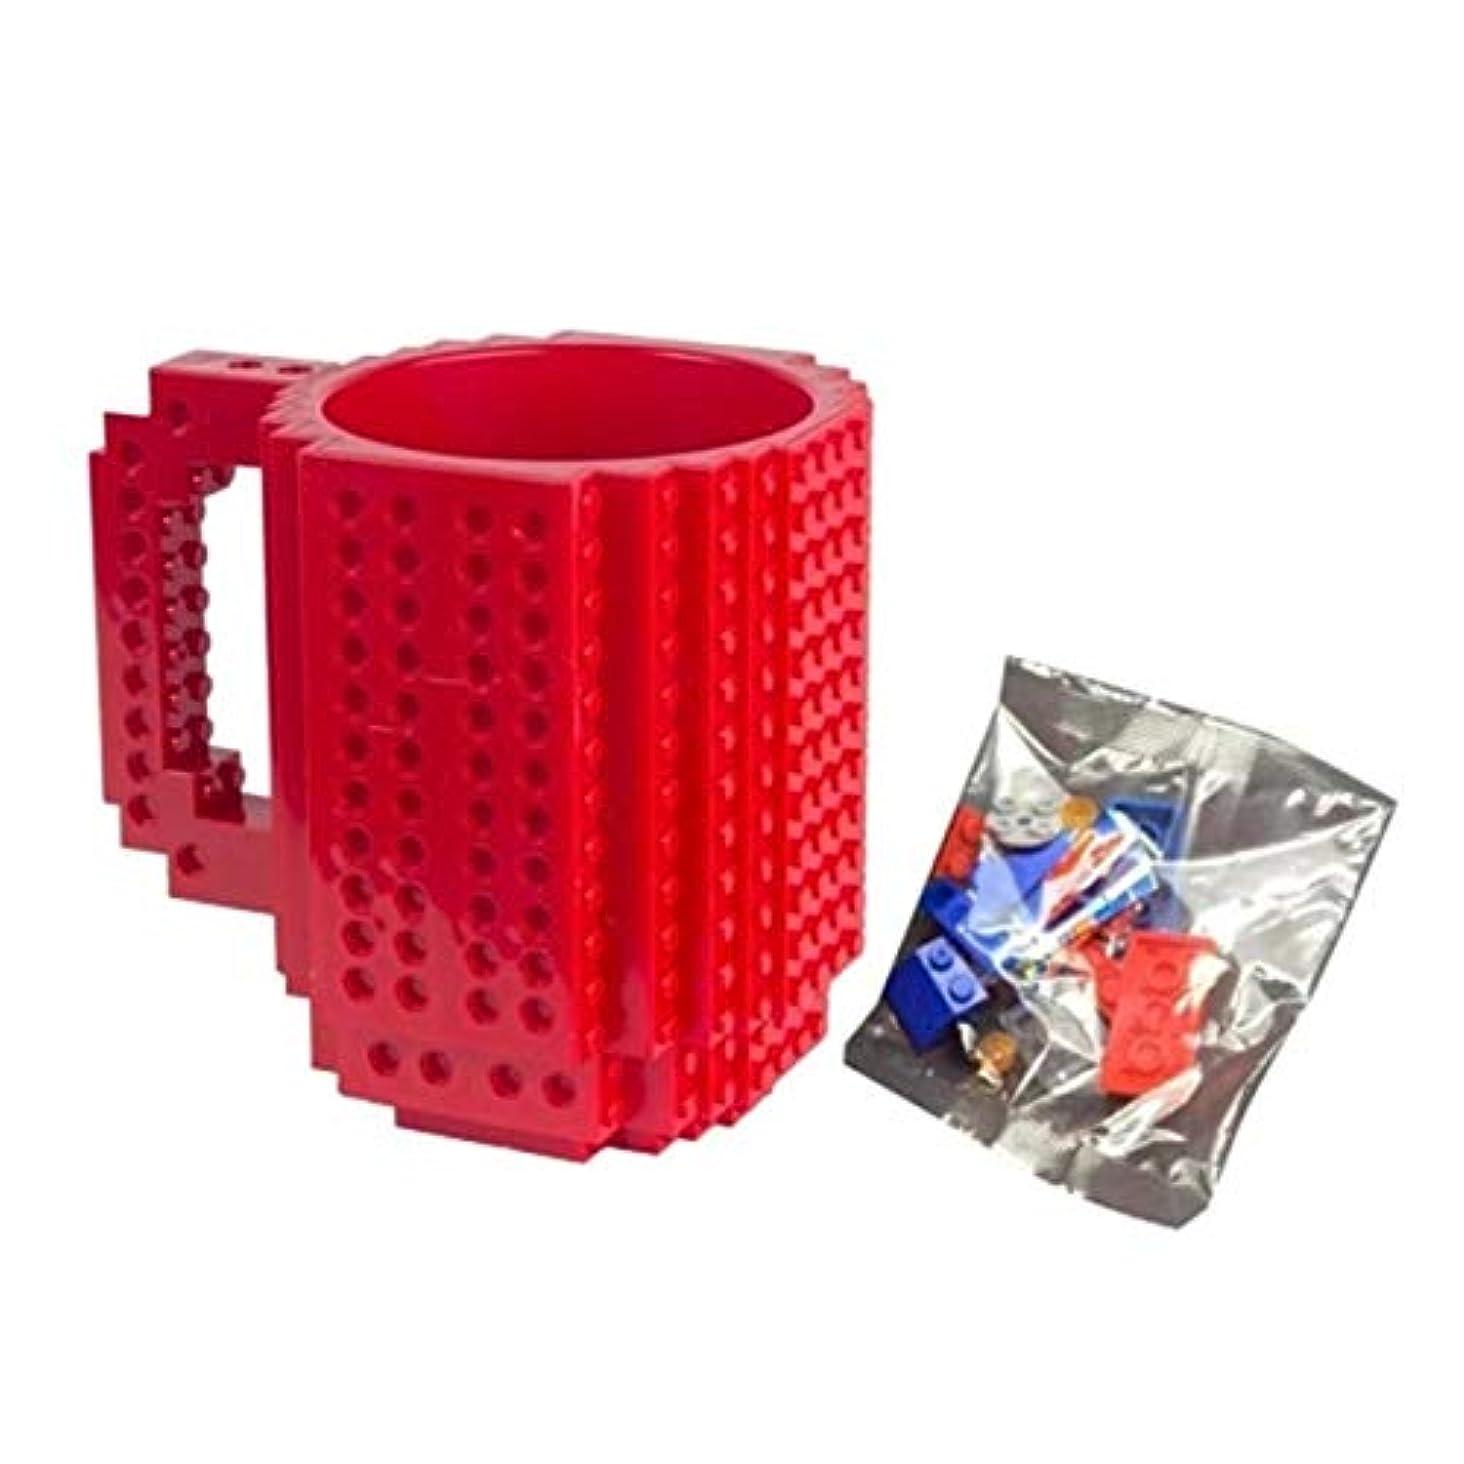 報酬の大邸宅失望Saikogoods レンガマグカップDIY?ビルディング?ブロックのコーヒーカップを構築 赤